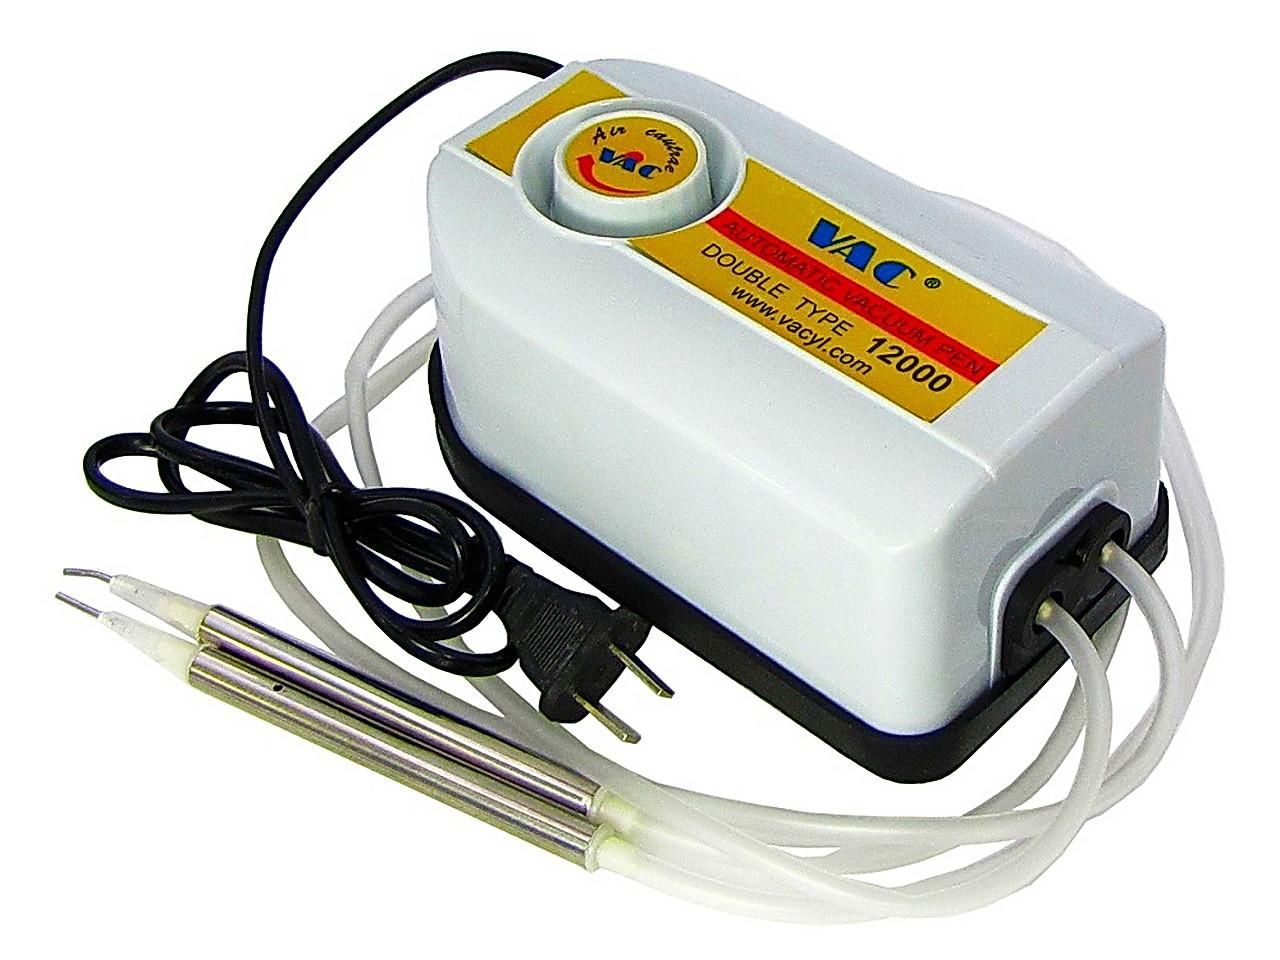 Вакуумный пинцет манипулятор с регулировкой вакуума